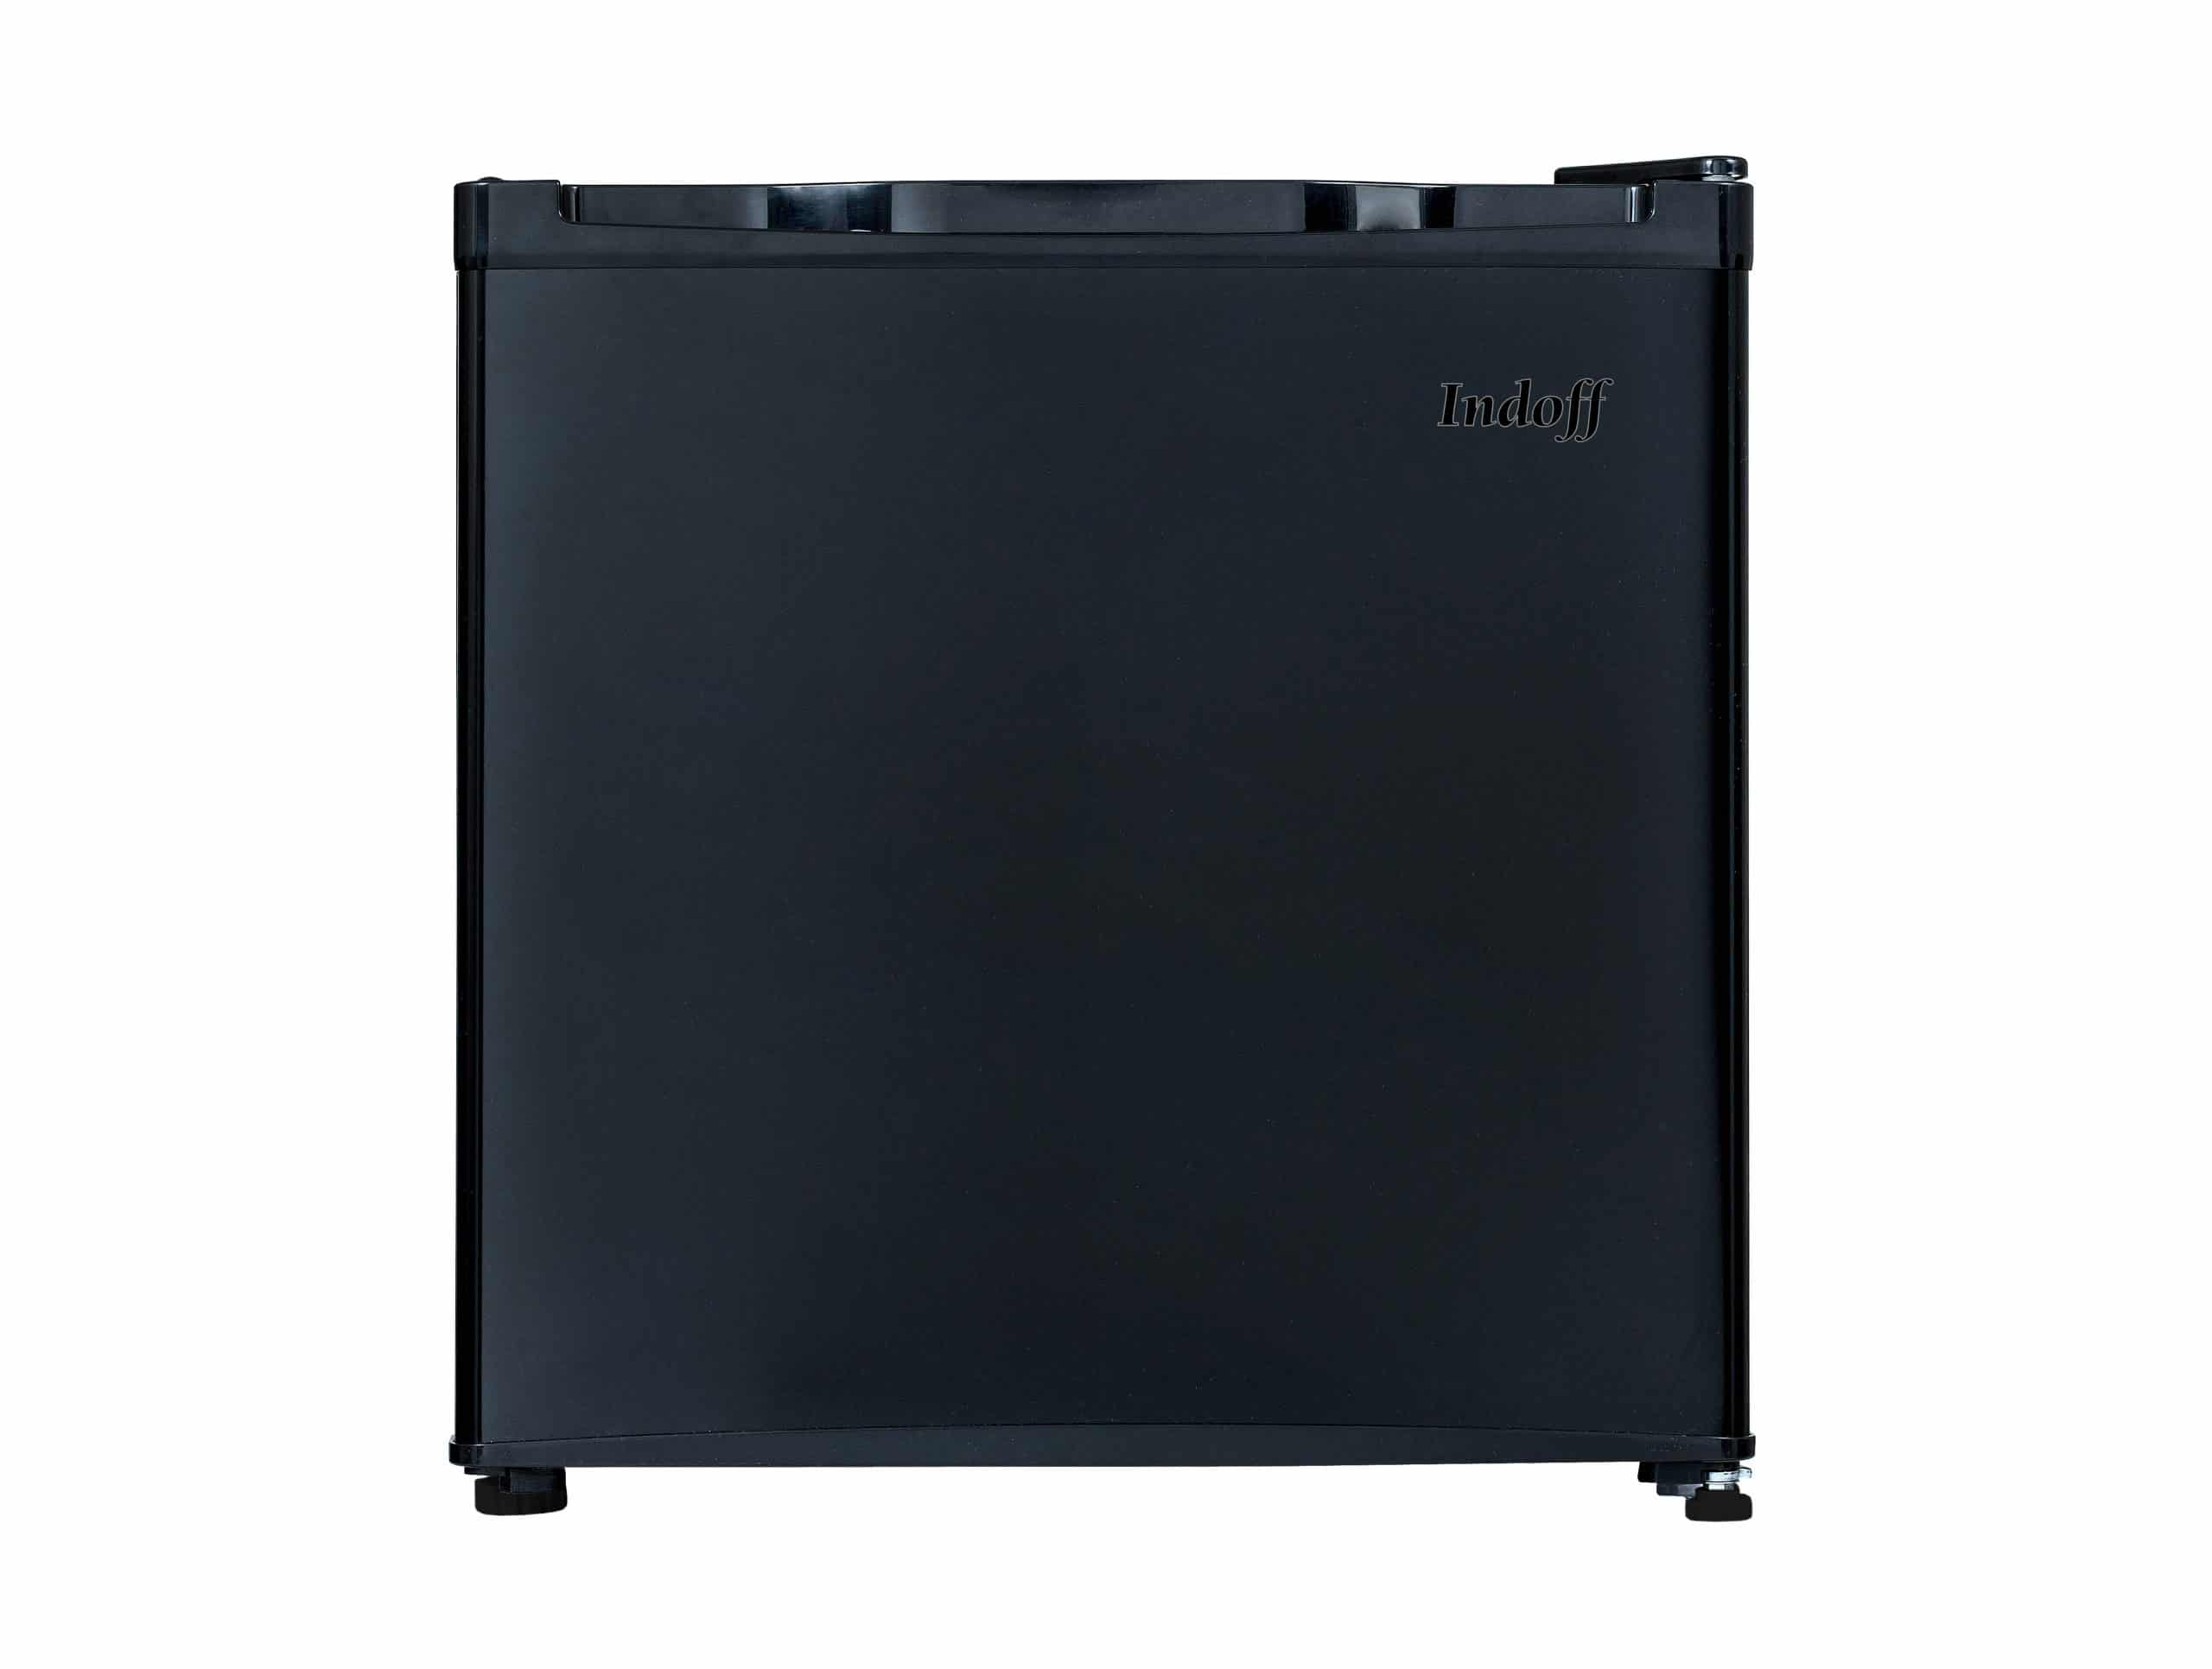 1.6 cu. ft. All Refrigerator Hospitality Refrigerator